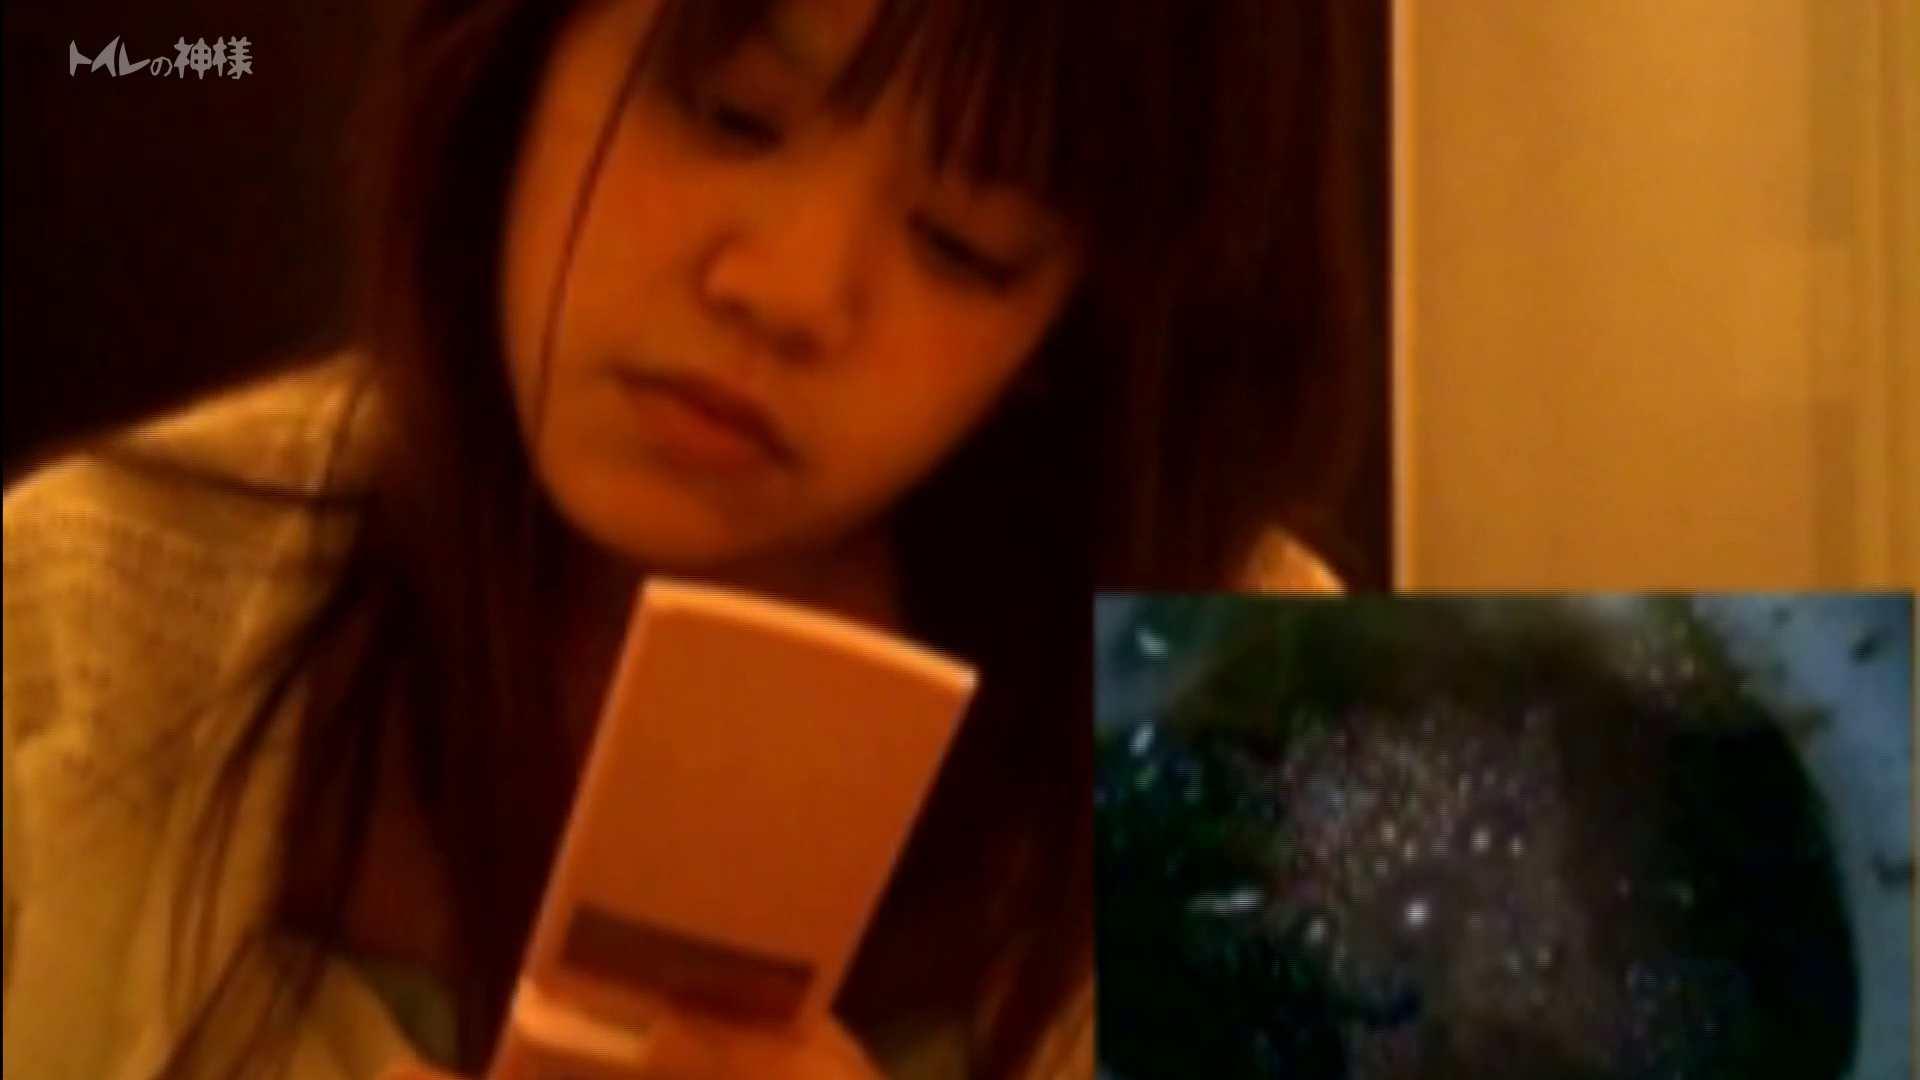 トイレの神様 Vol.03 彼女のうんち隠し撮り OLのボディ | トイレの実態  81PIX 57